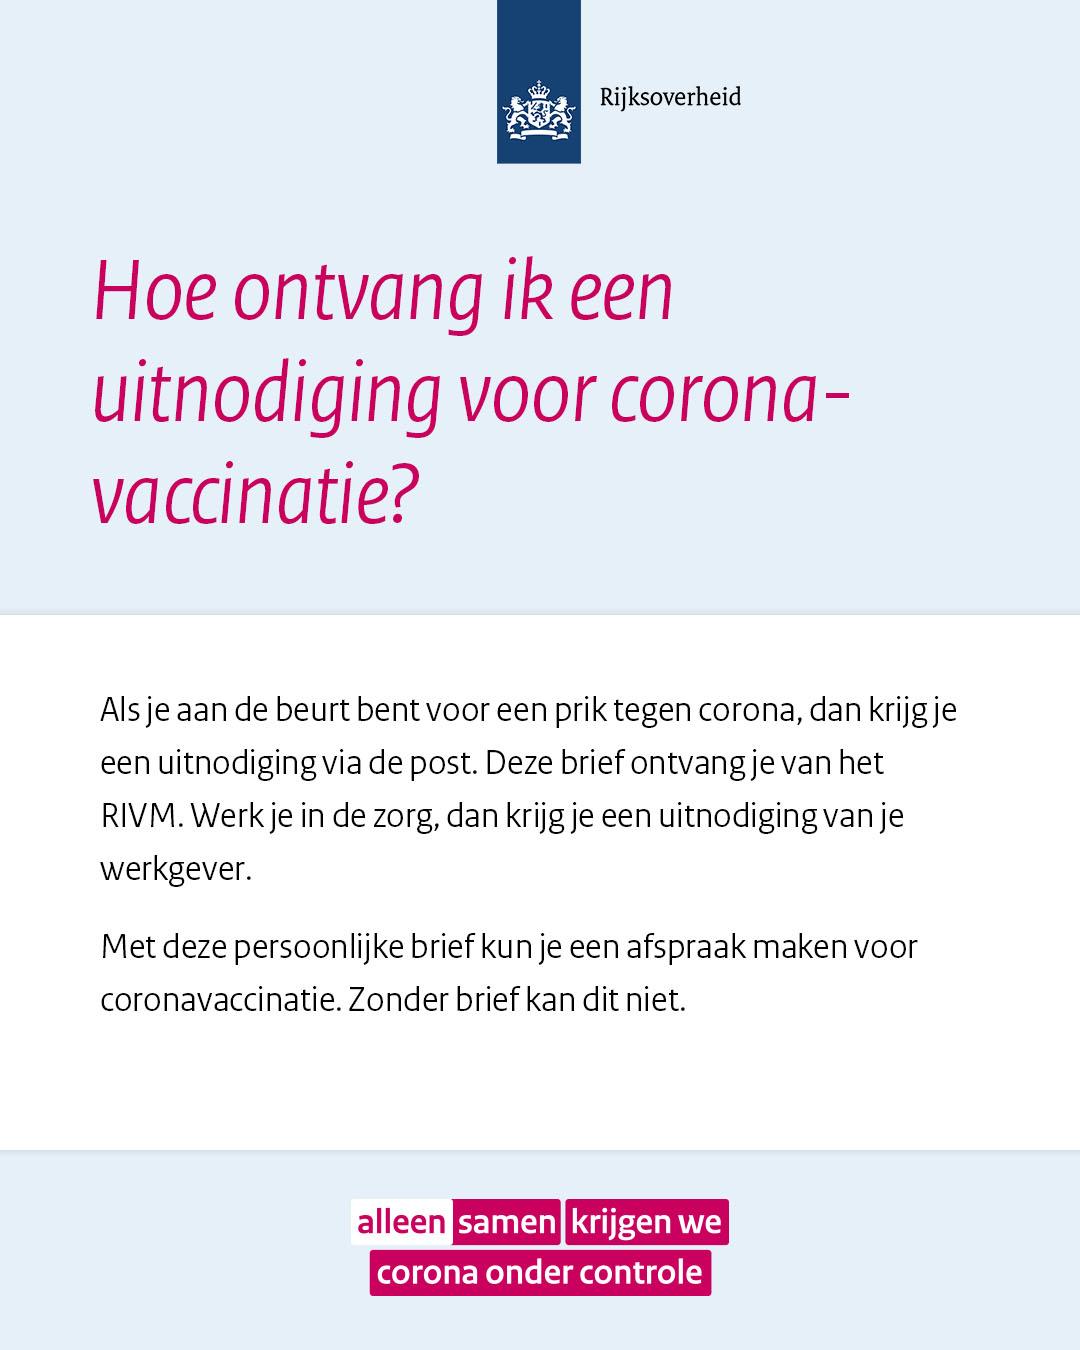 Social post 'Hoe ontvang ik een uitnodiging voor coronavaccinatie'